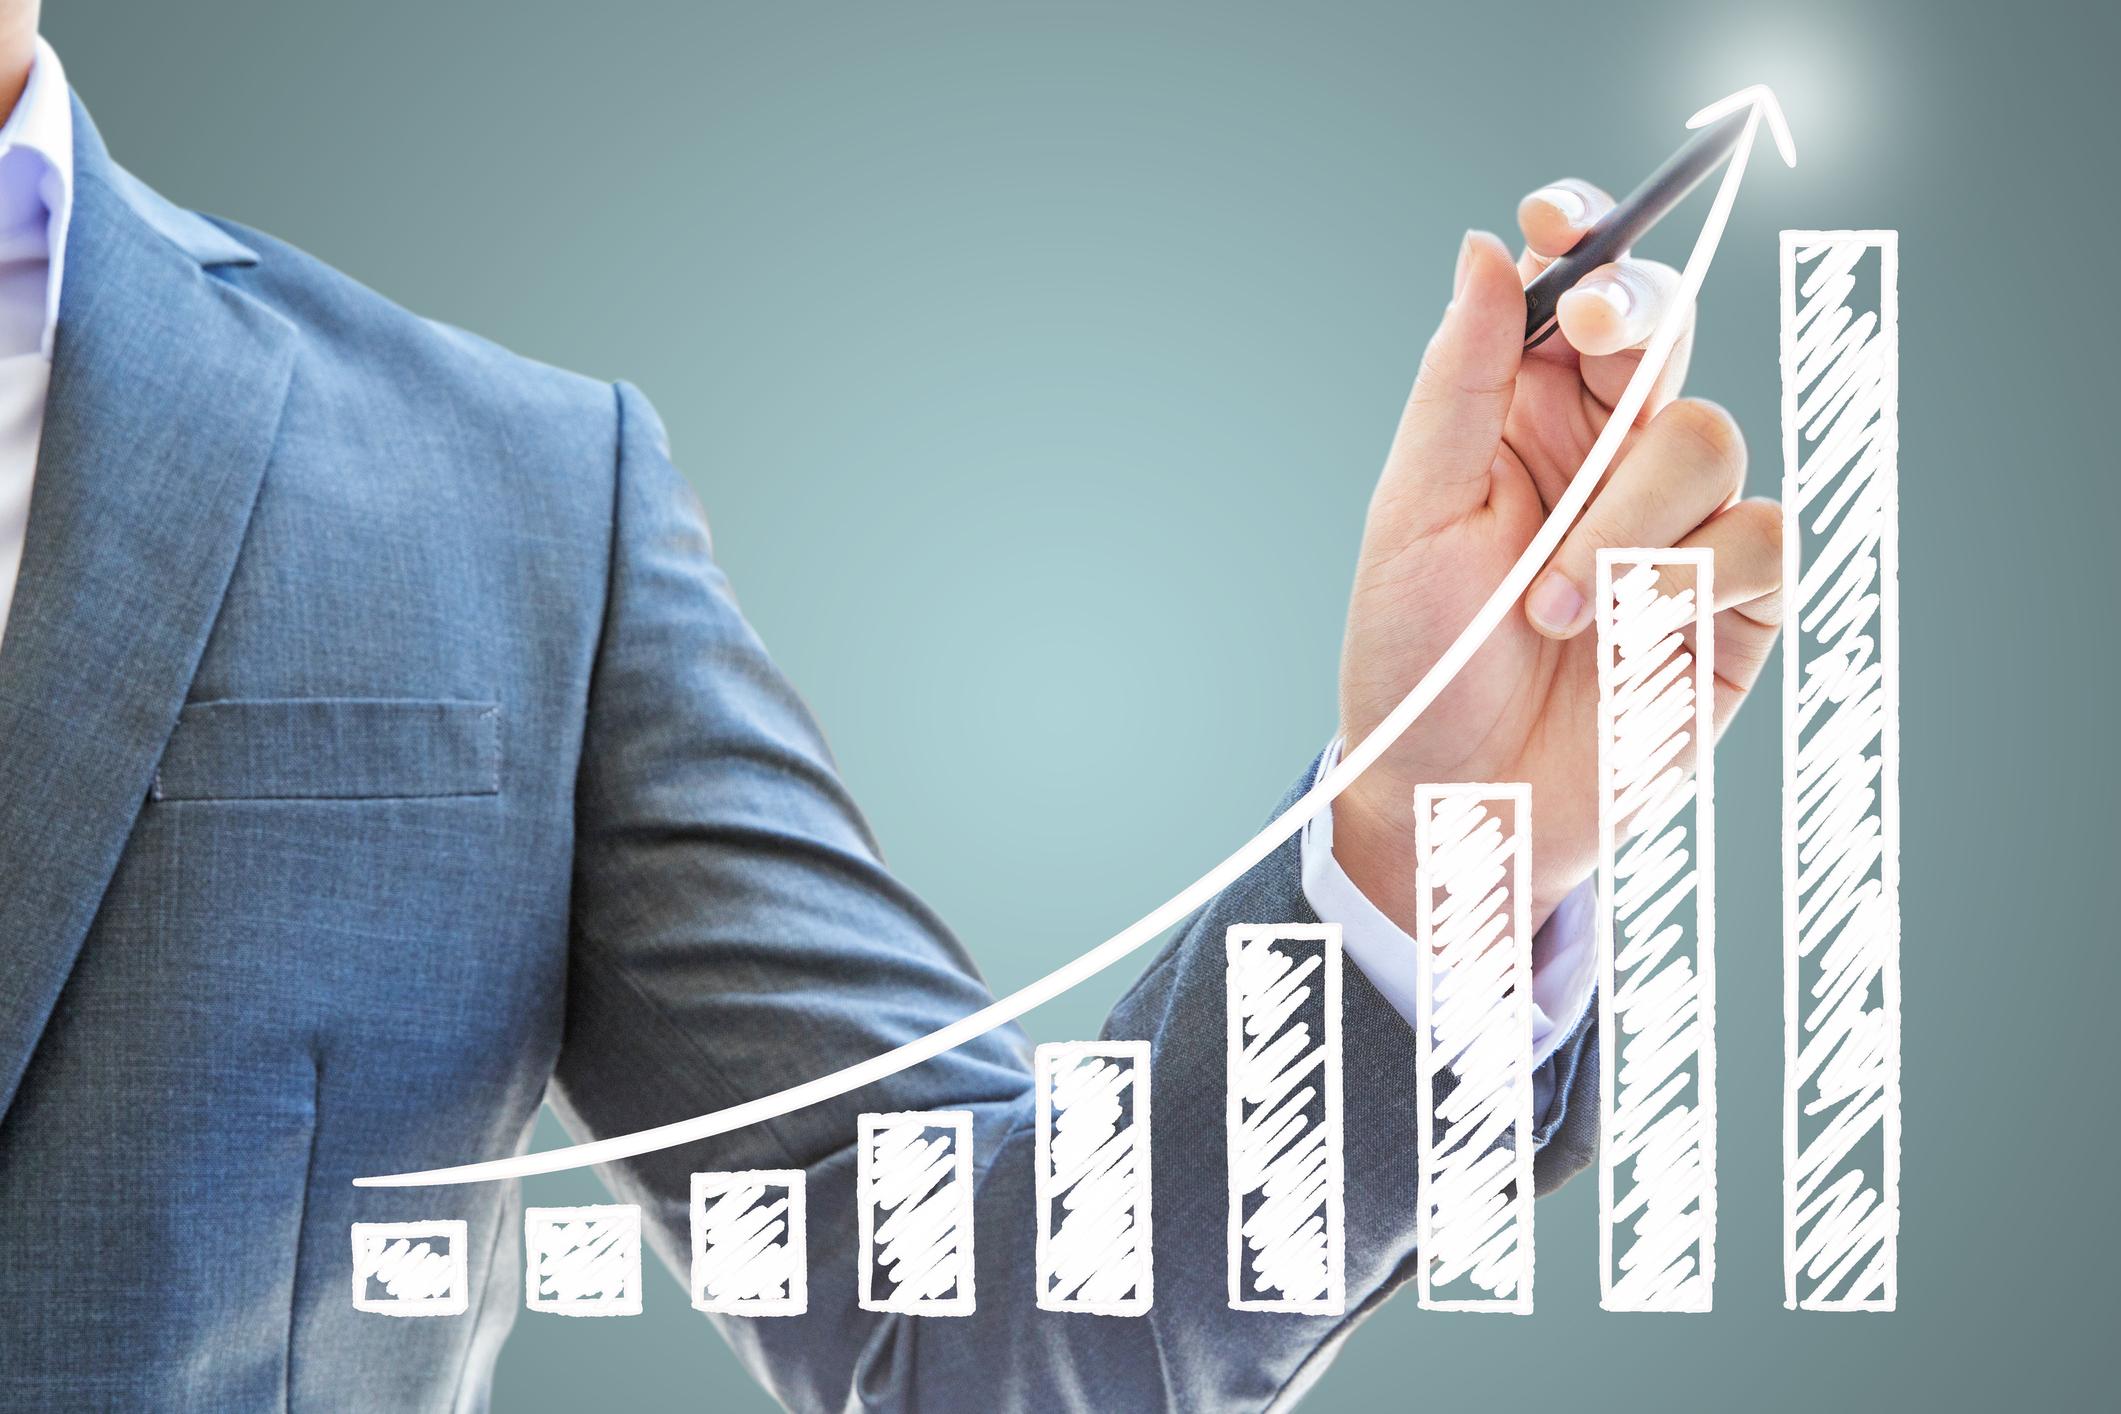 A bar chart with an arrow highlighting a growth trend